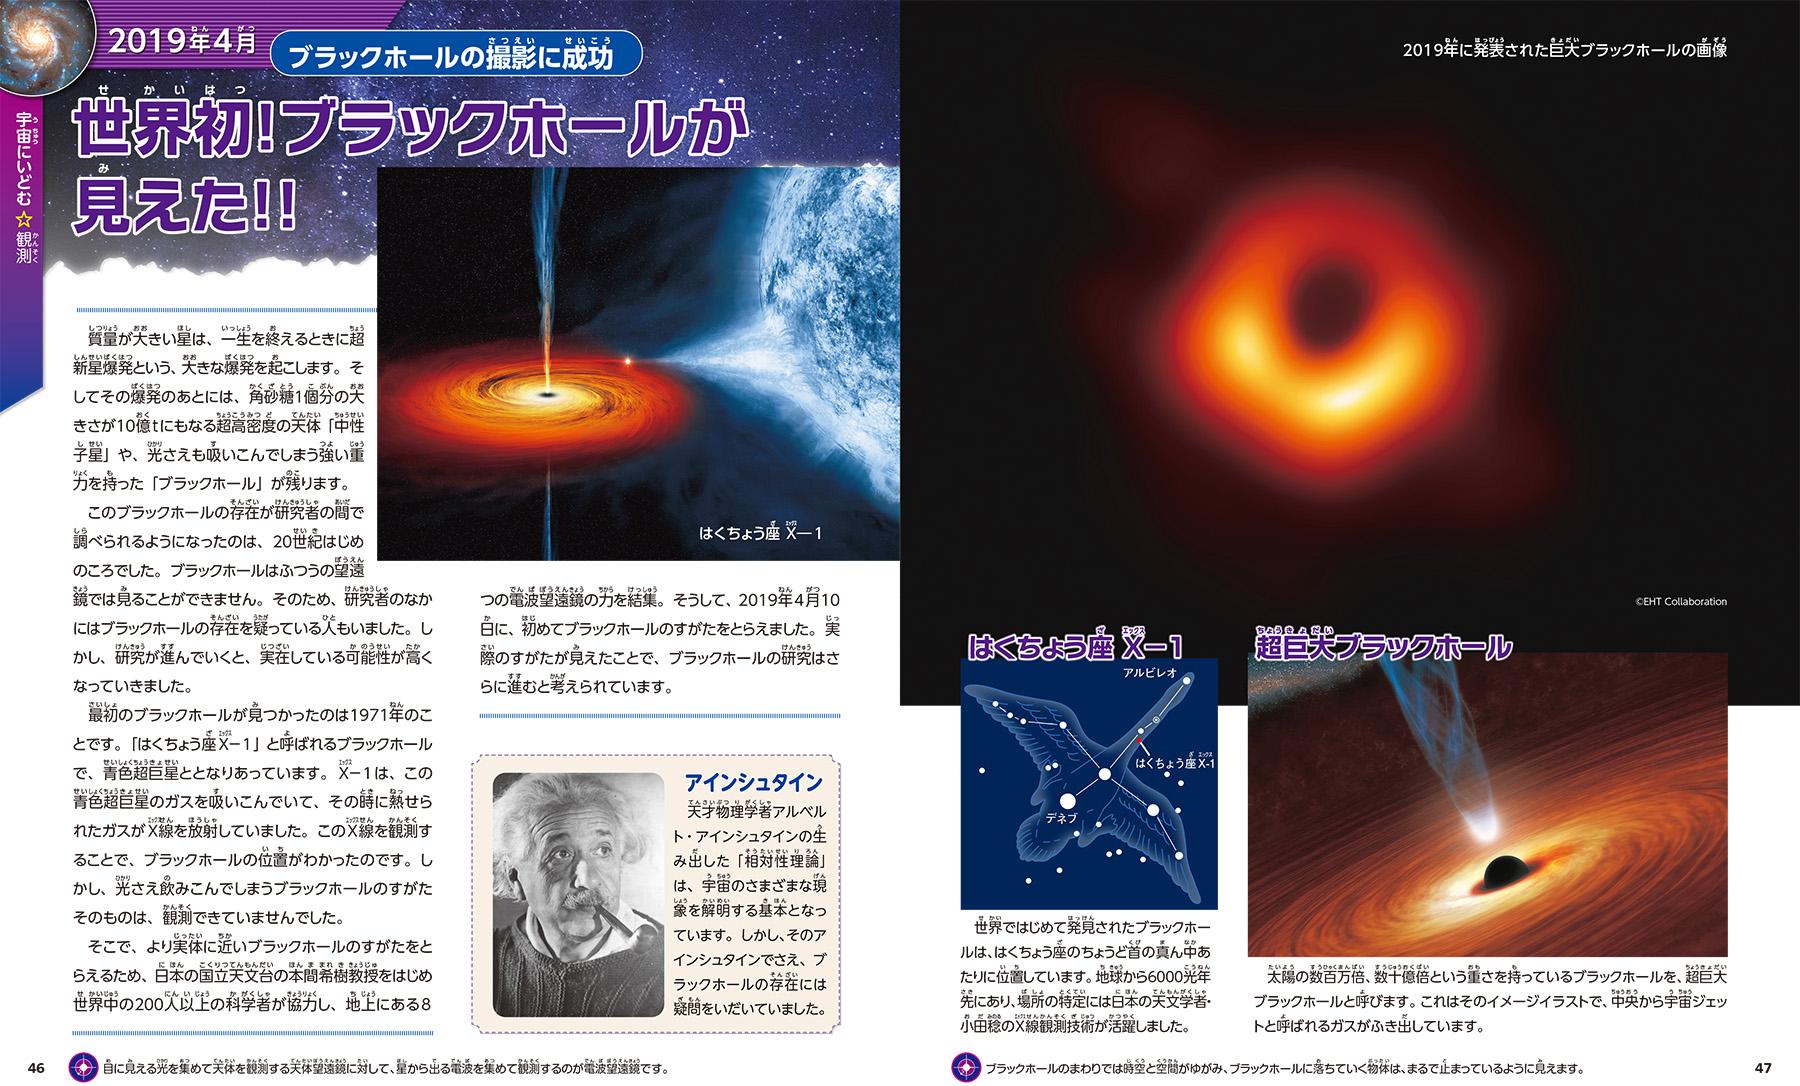 「ブラックホールが見えた」紙面